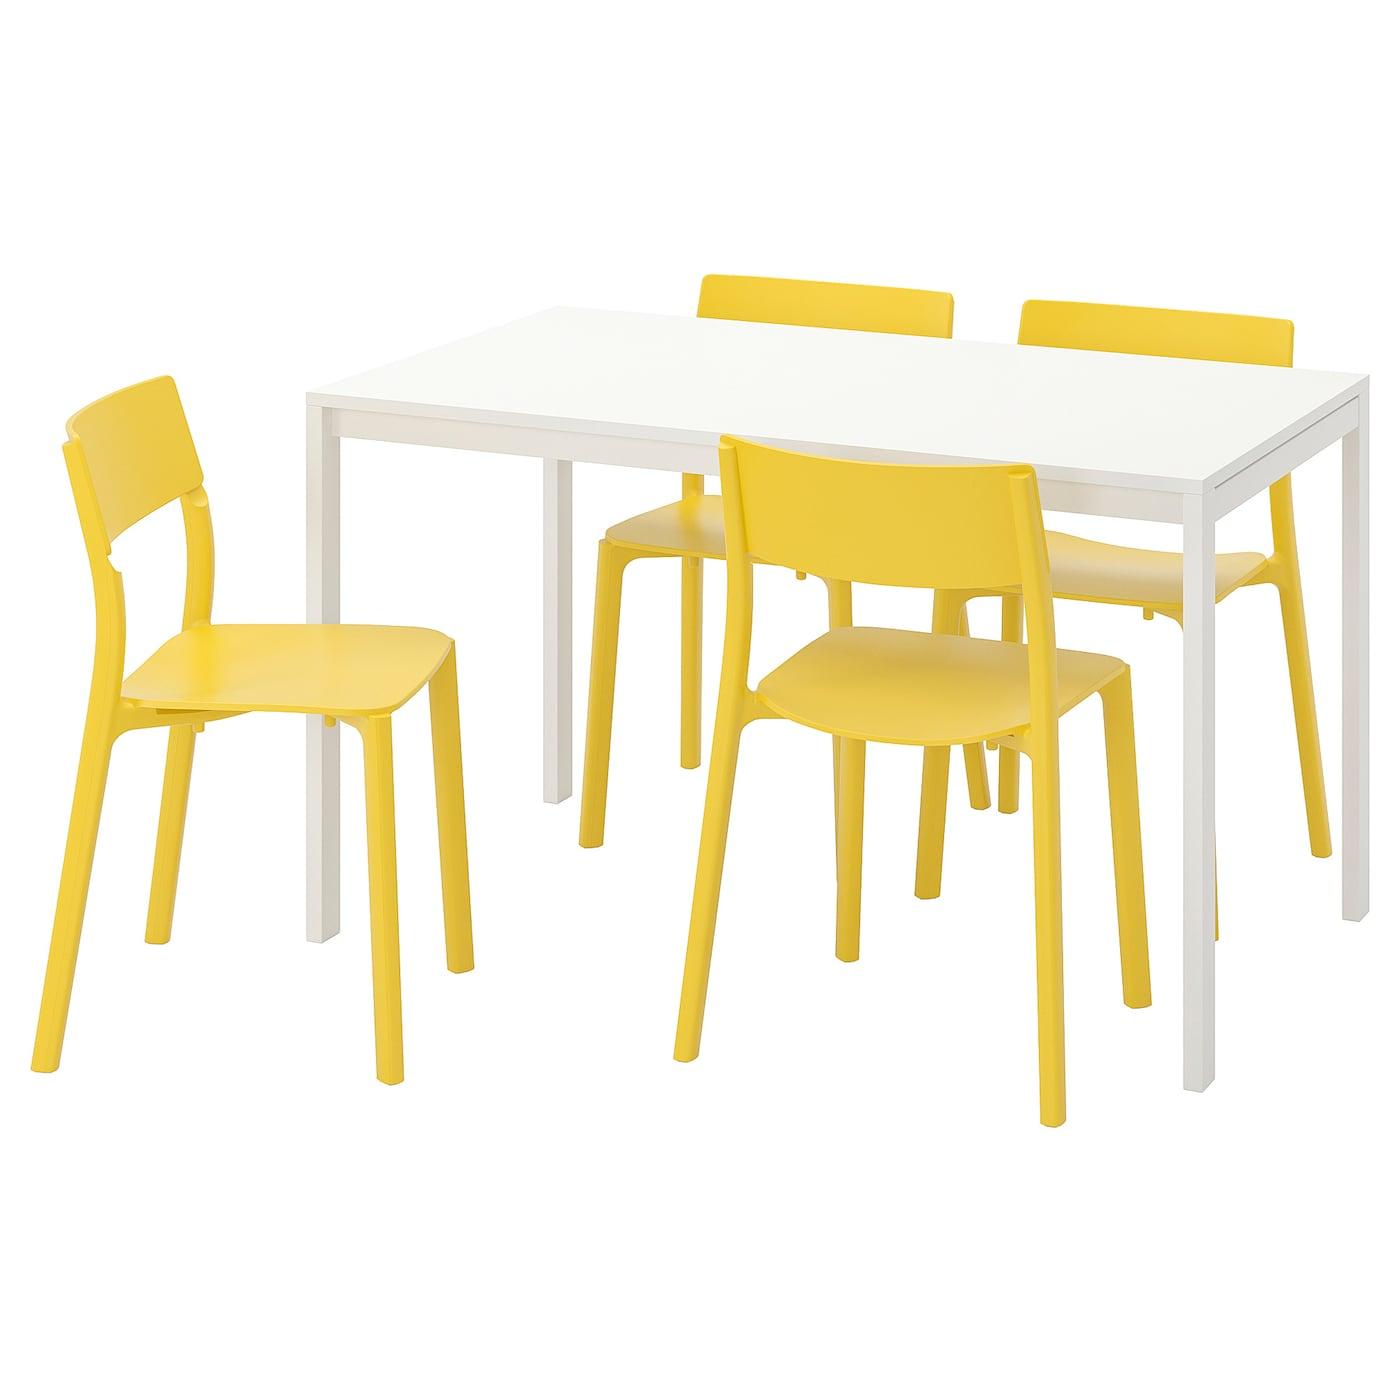 MELLTORP JANINGE Bord och 4 stolar vitgul 125 cm